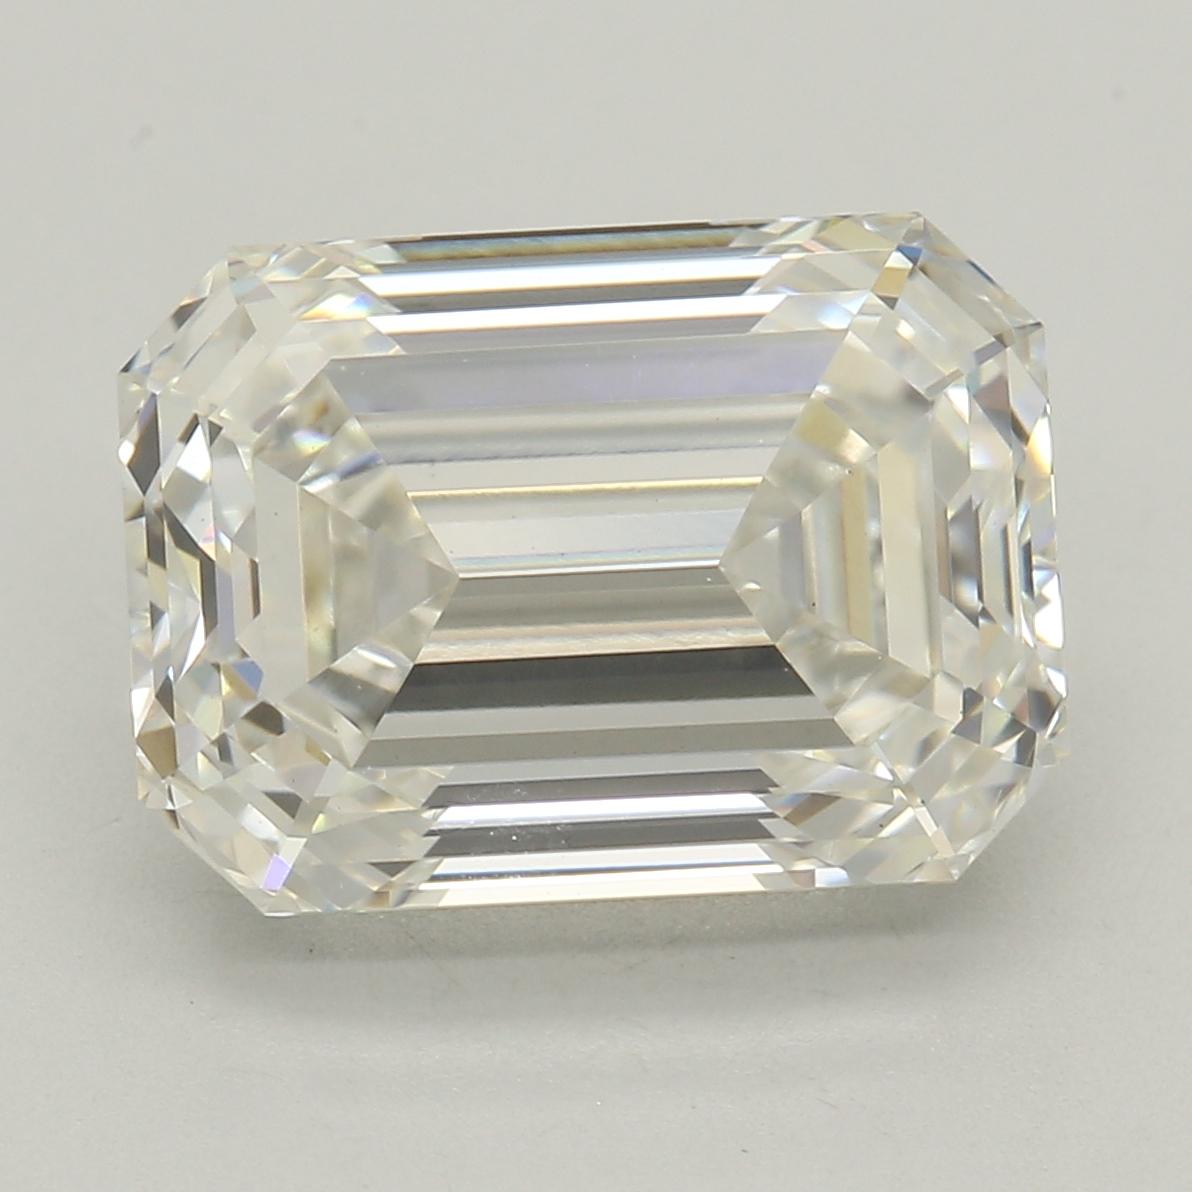 Emerald Cut 3.11 Carat J Color Vs1 Clarity Sku Lg78518527